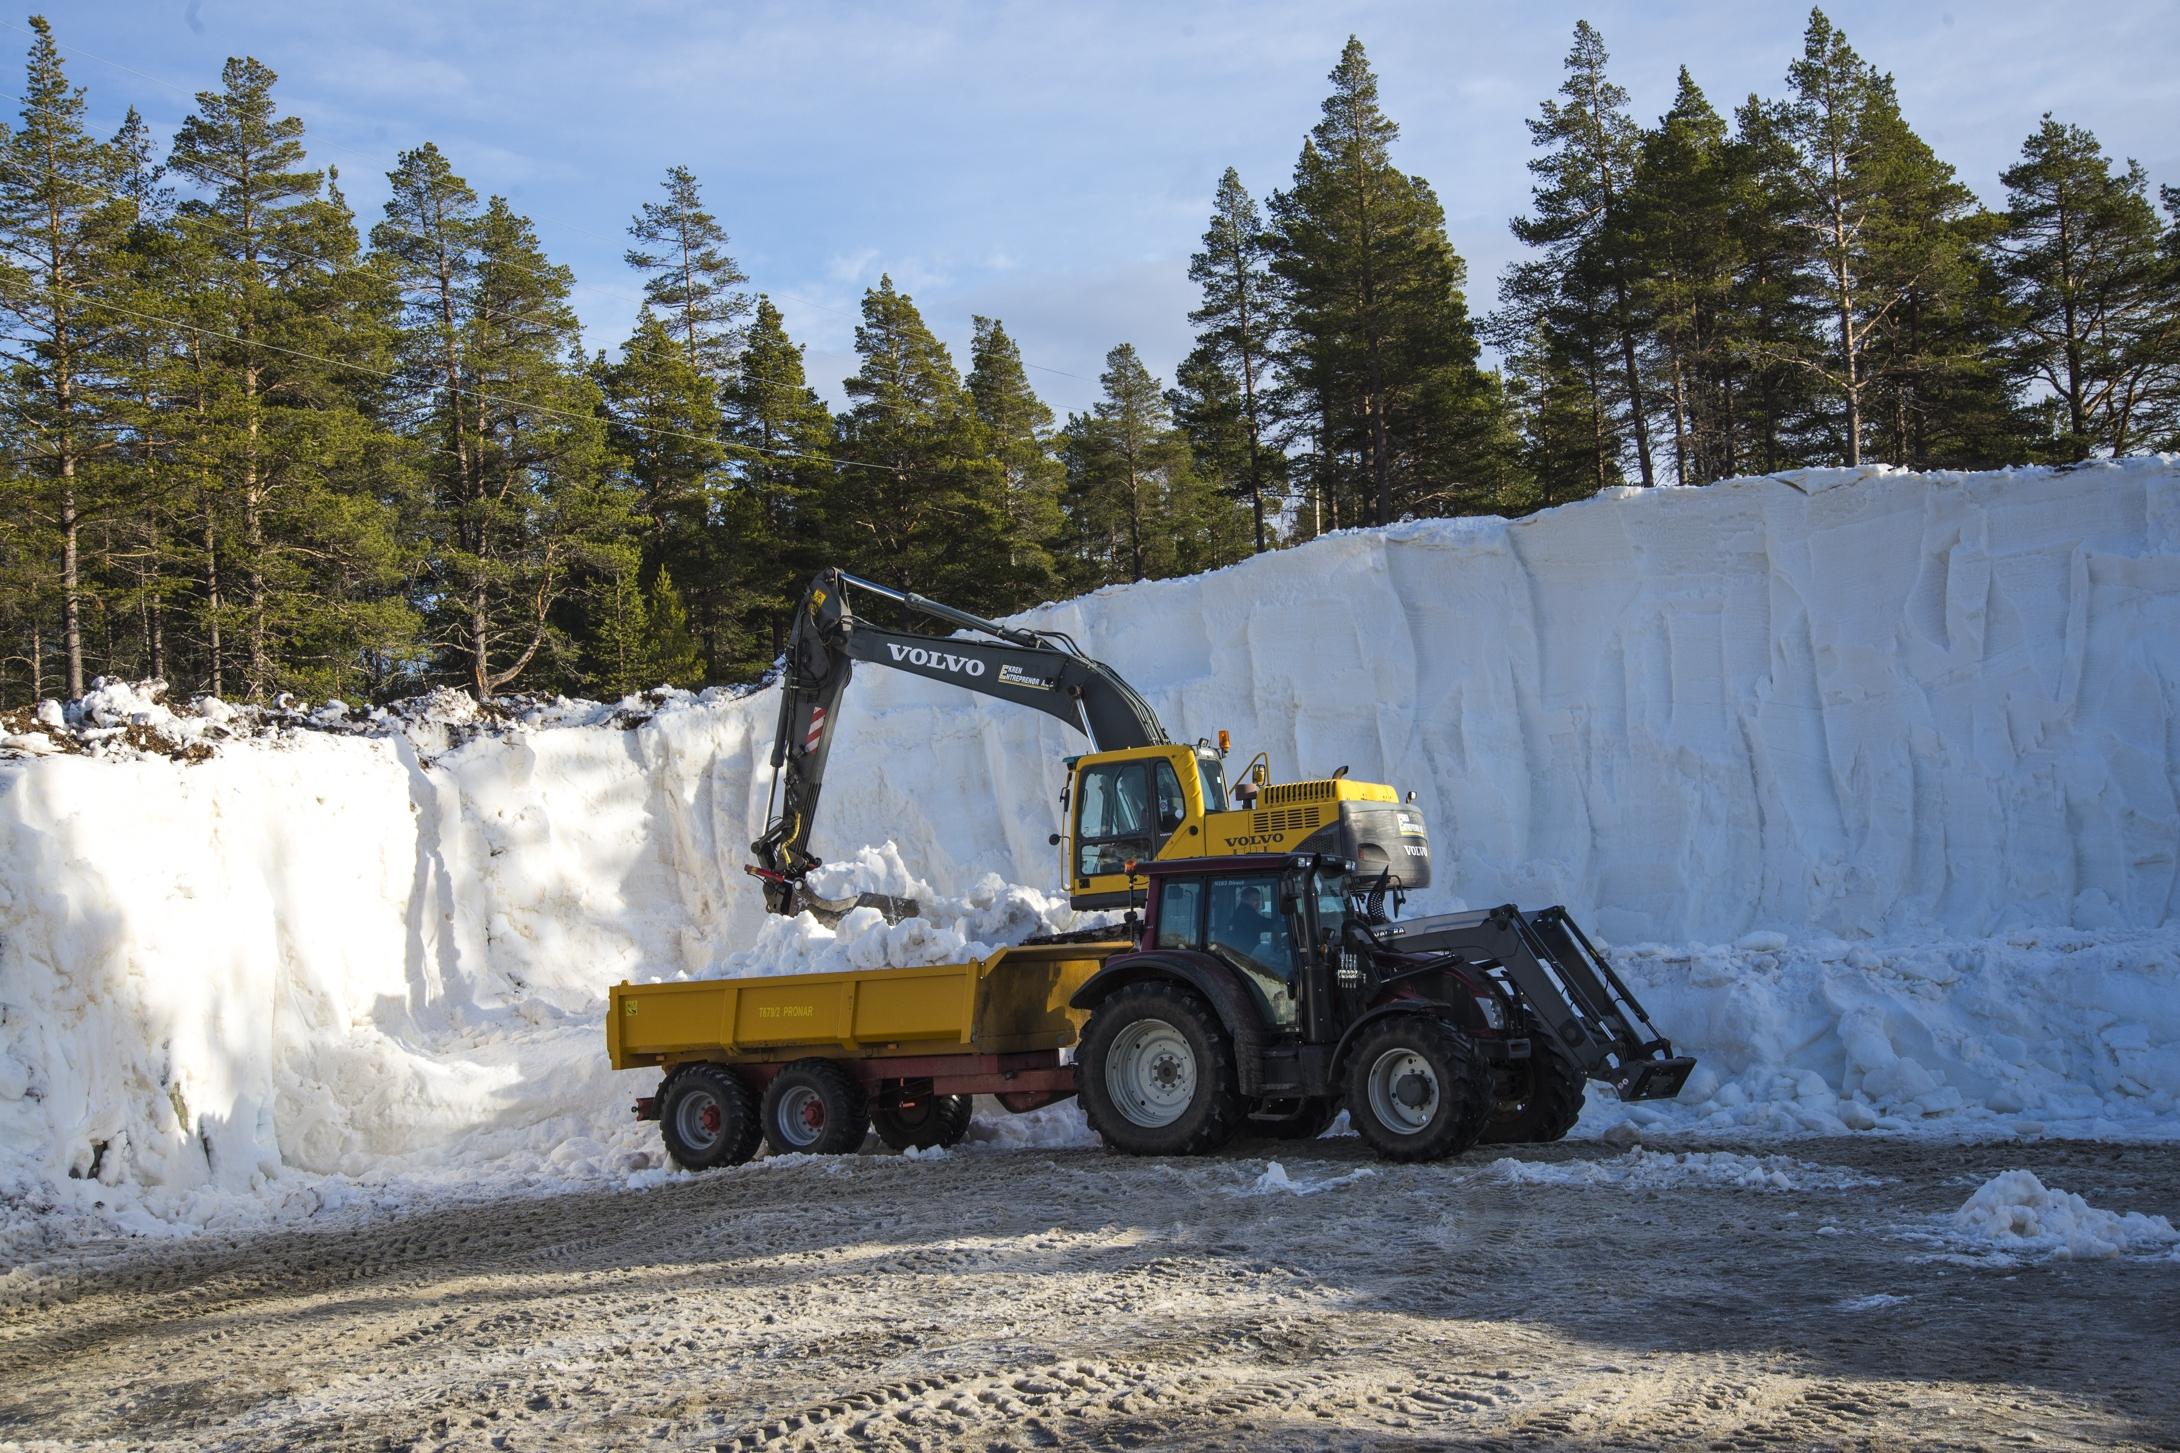 Snøgaranti - Vi garanterer treningsforholdene!